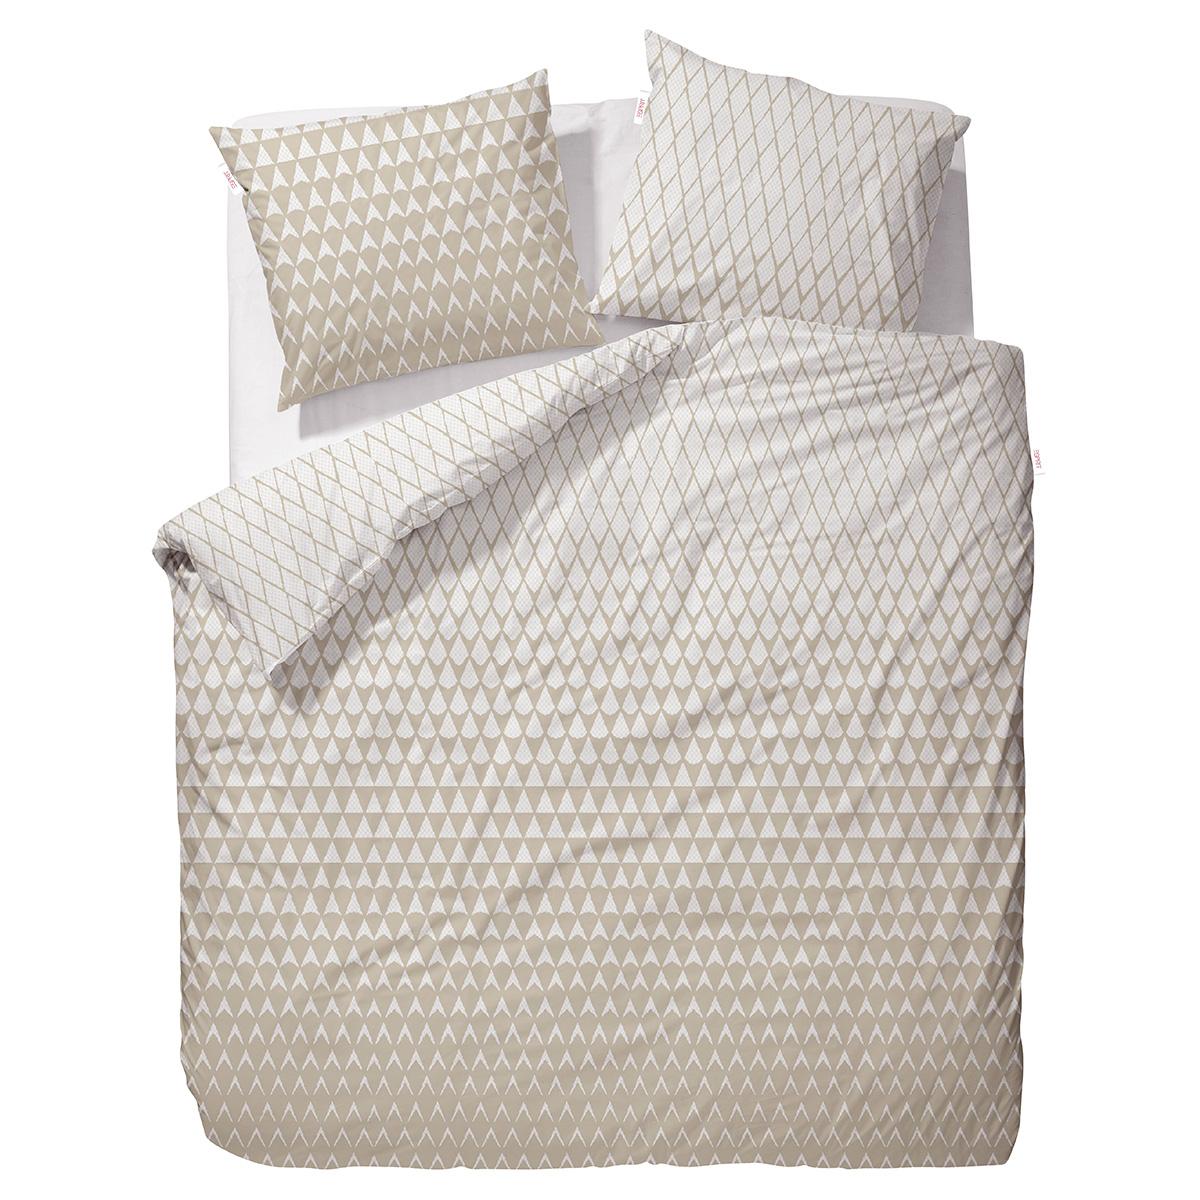 Billede af Esprit sengetøj - Mina - Beige